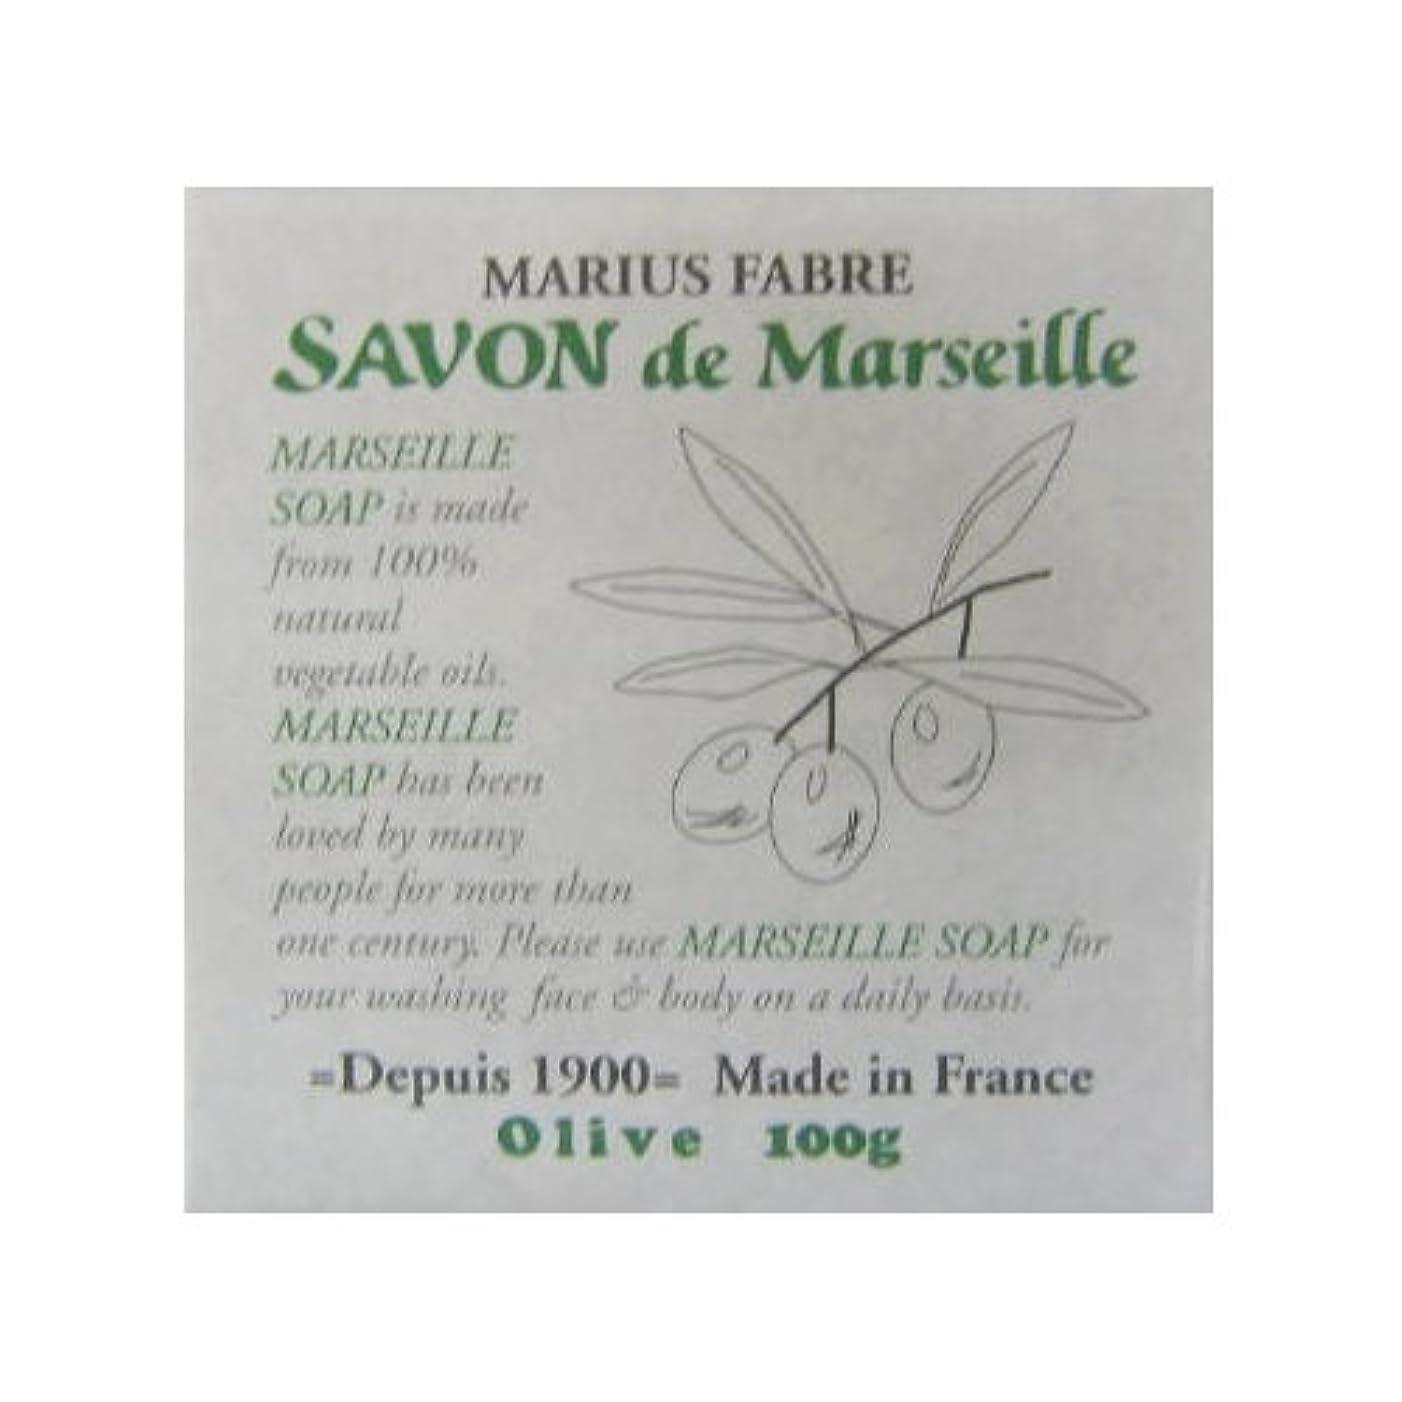 モルヒネ感動する化学薬品サボン ド マルセイユ オリーブ 100g